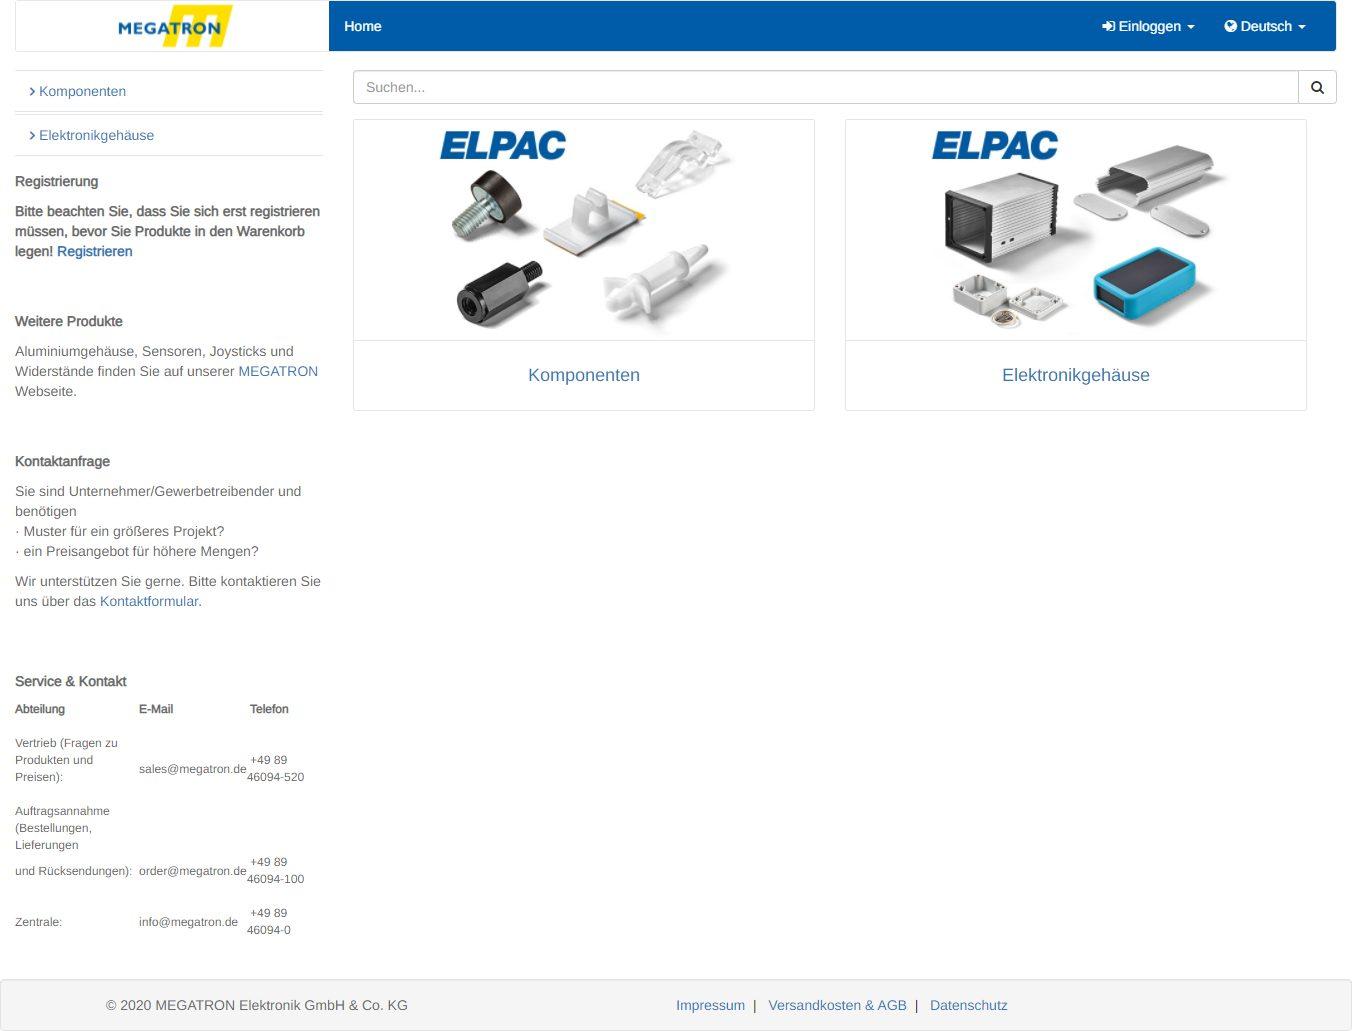 Elpac-Produkte online kaufen